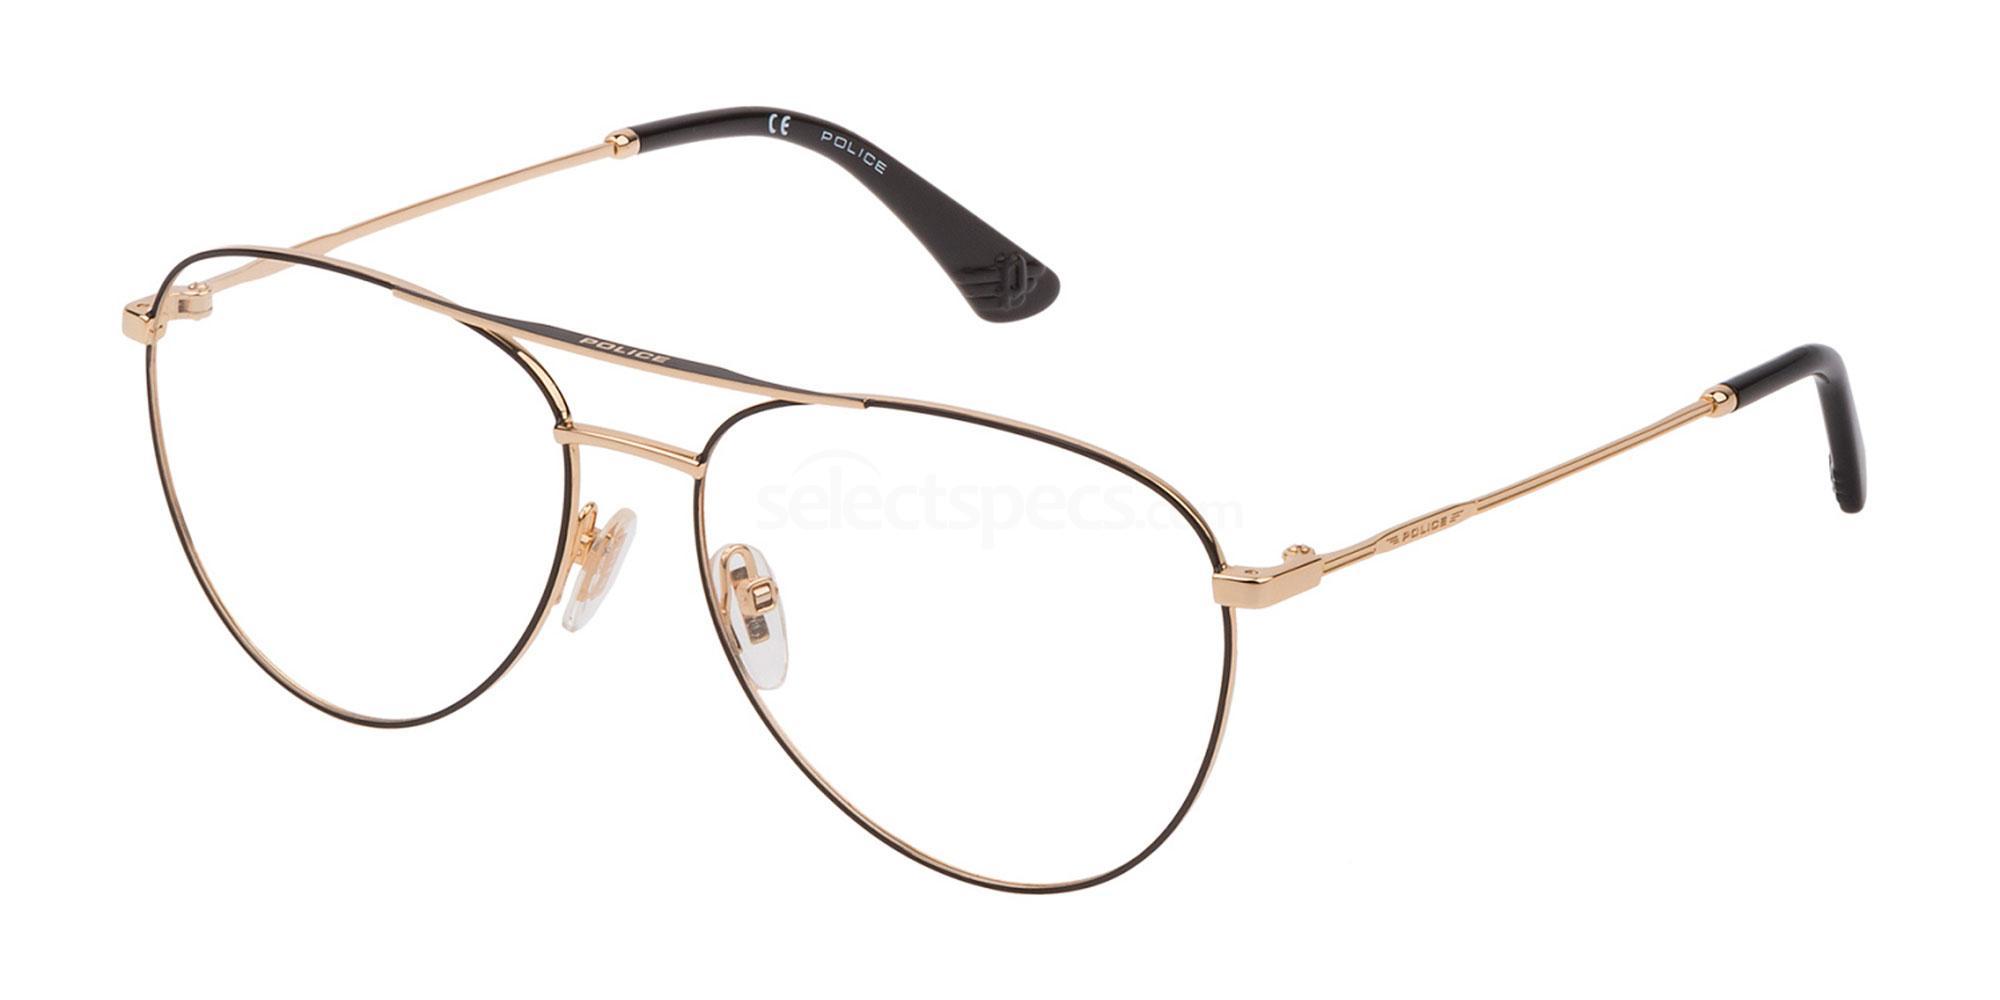 0301 VPL793 Glasses, Police